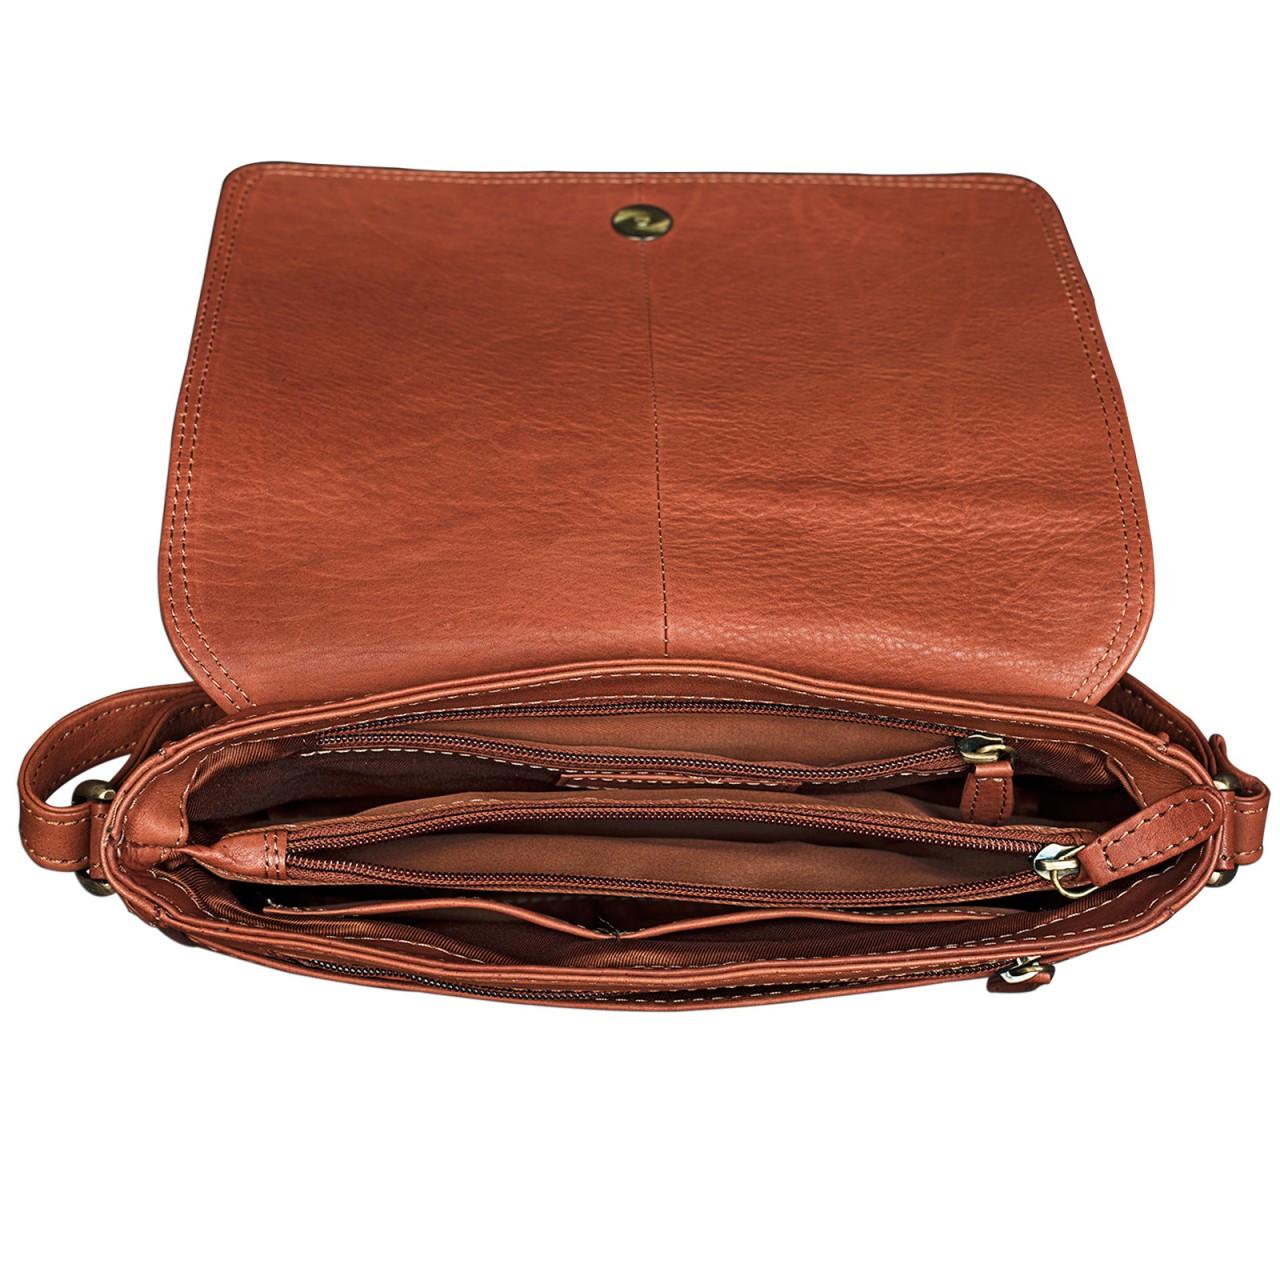 """STILORD """"Leana"""" Damen Umhängetasche Leder klein Vintage Handtasche viele Fächer elegante Ausgehtasche Vintage Echtleder - Bild 9"""